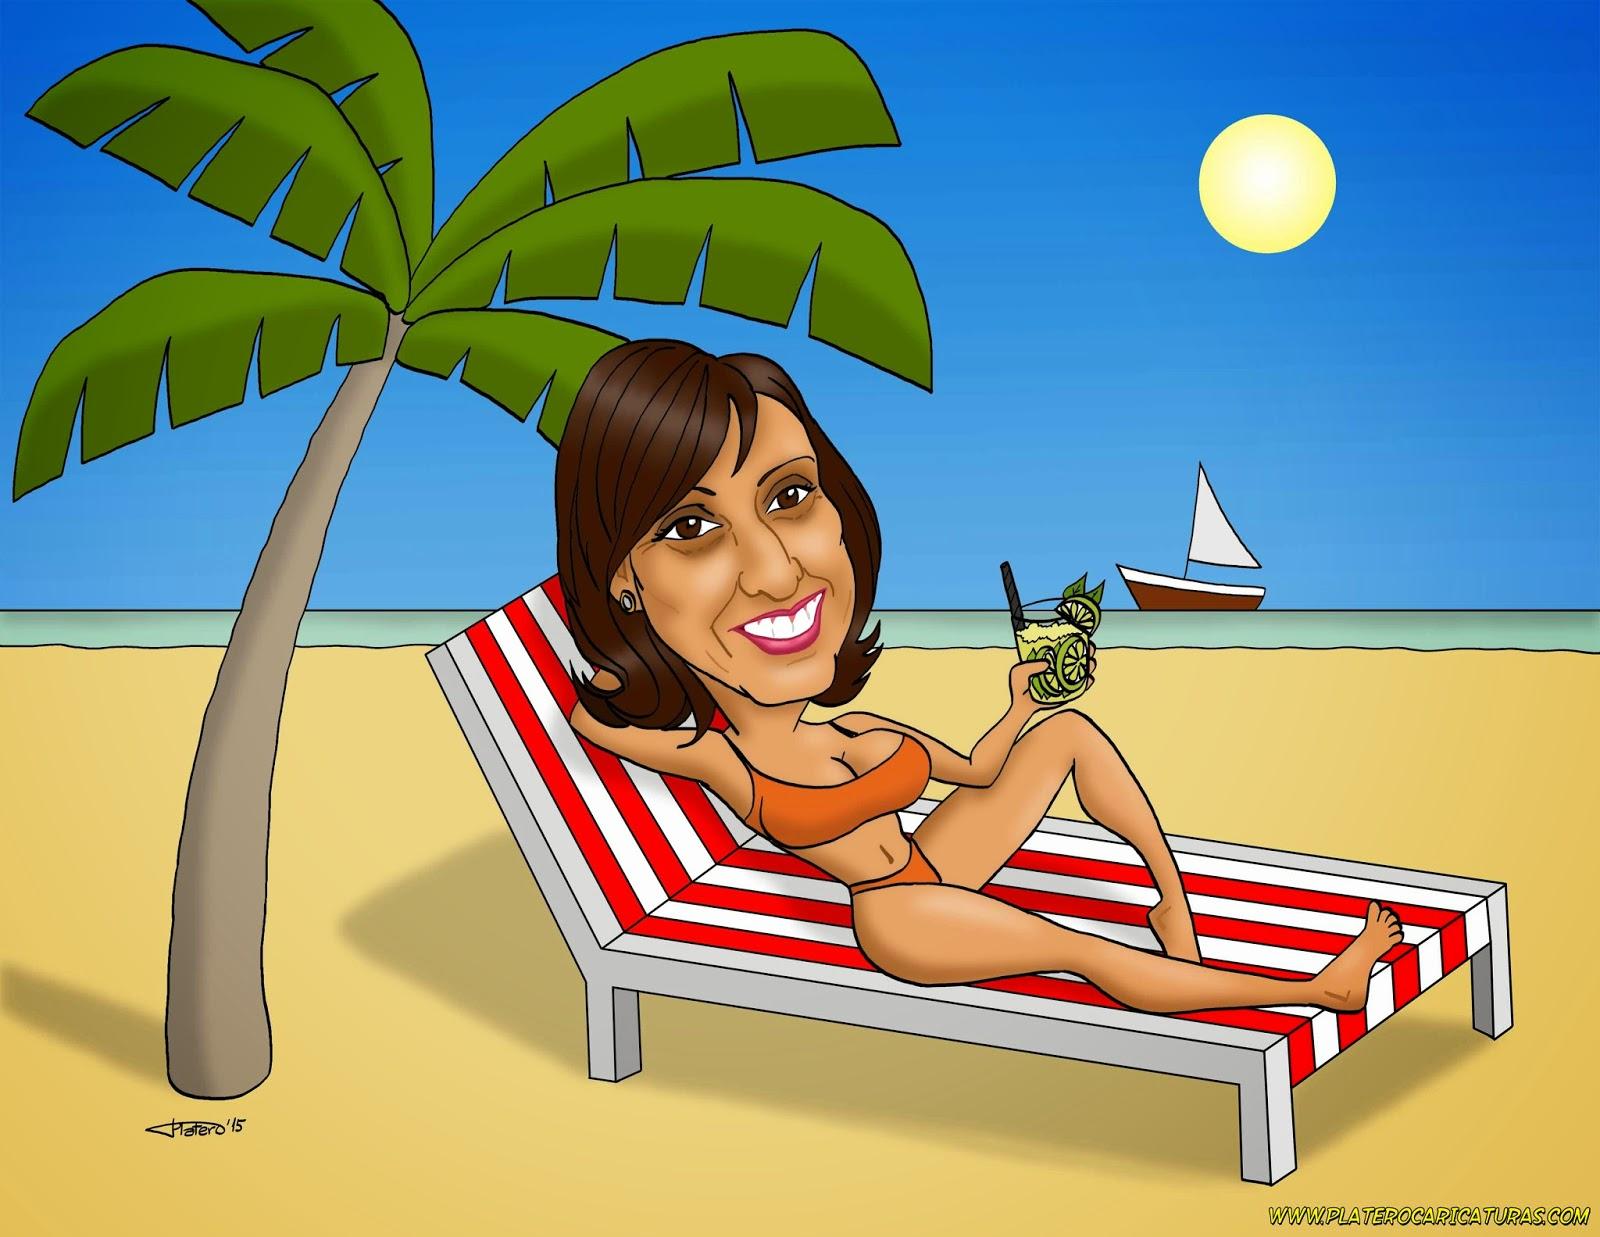 Platero caricaturas c mics e ilustraciones caricatura a color mujer en hamaca tom ndose un mojito - Fotos de hamacas en la playa ...